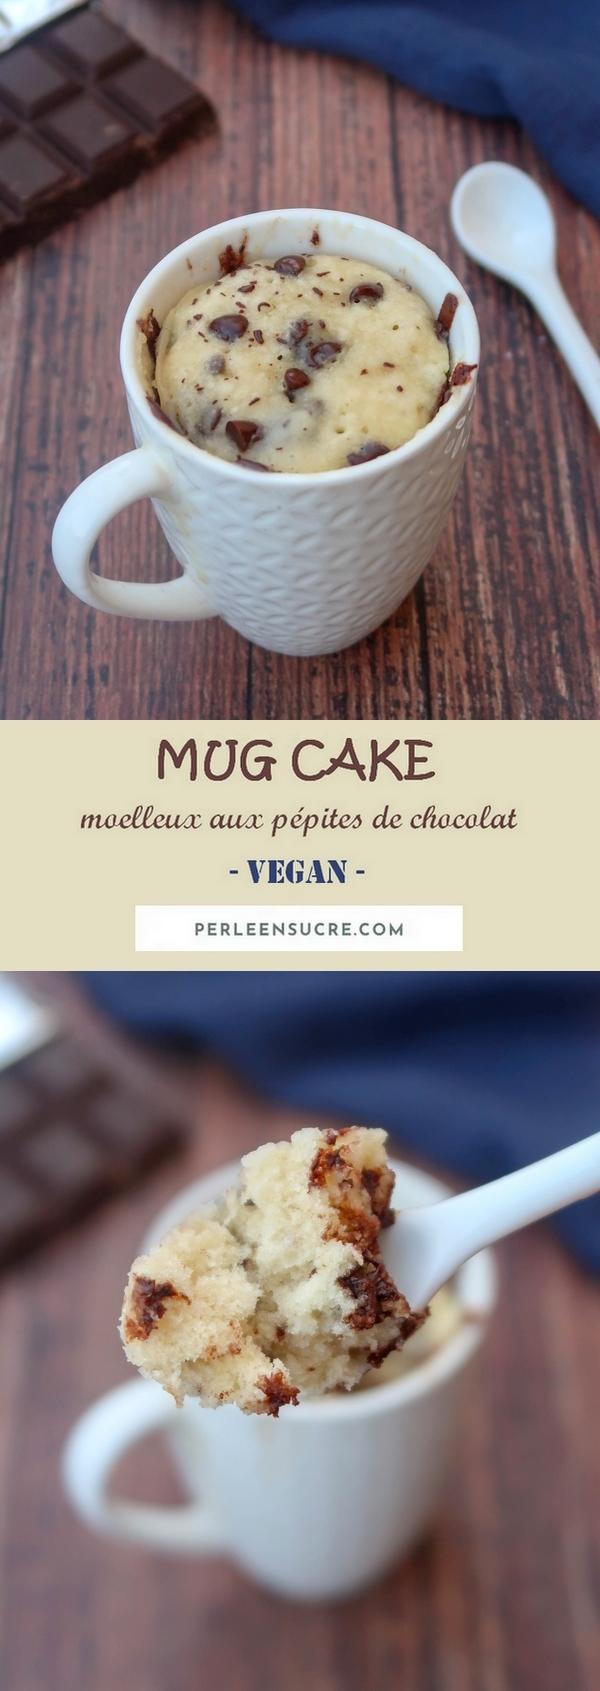 Mug cake moelleux aux pépites de chocolat {vegan}